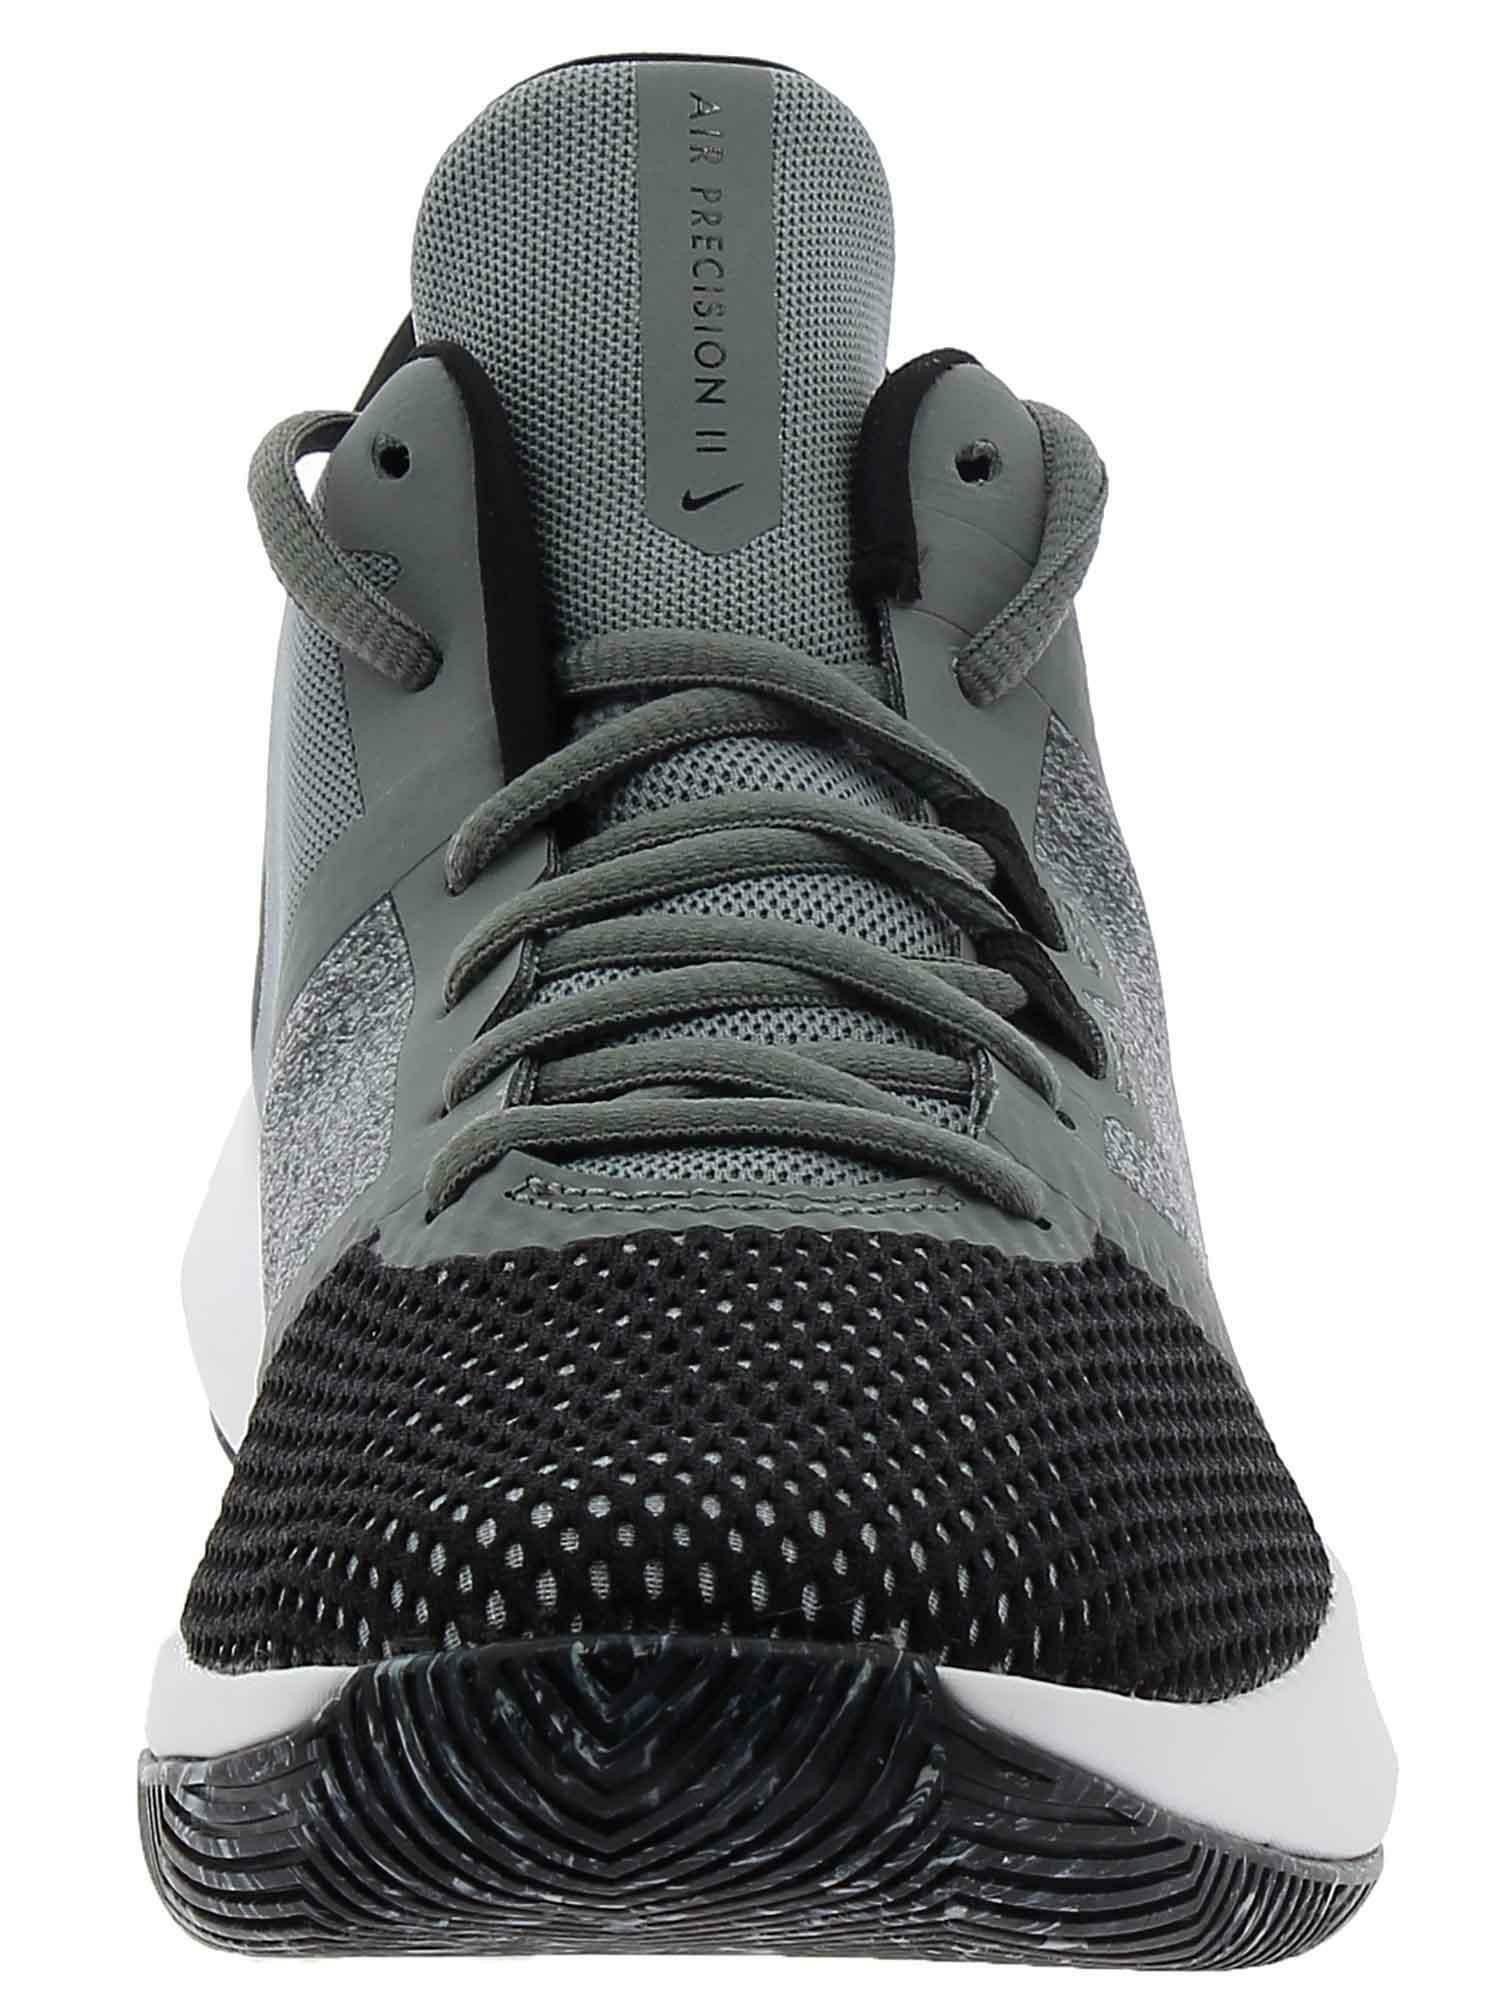 Nike Nike Air Precision II   Basket Basket Basket Uomo Grigie AA7069011 | Pour Gagner L'éloge Chaleureux De La Part Des Clients  | De Qualité Constante  | Une Bonne Conservation De Chaleur  | Une Grande Variété De Marchandises  | Des Technologies Sophistiquées  1a3538